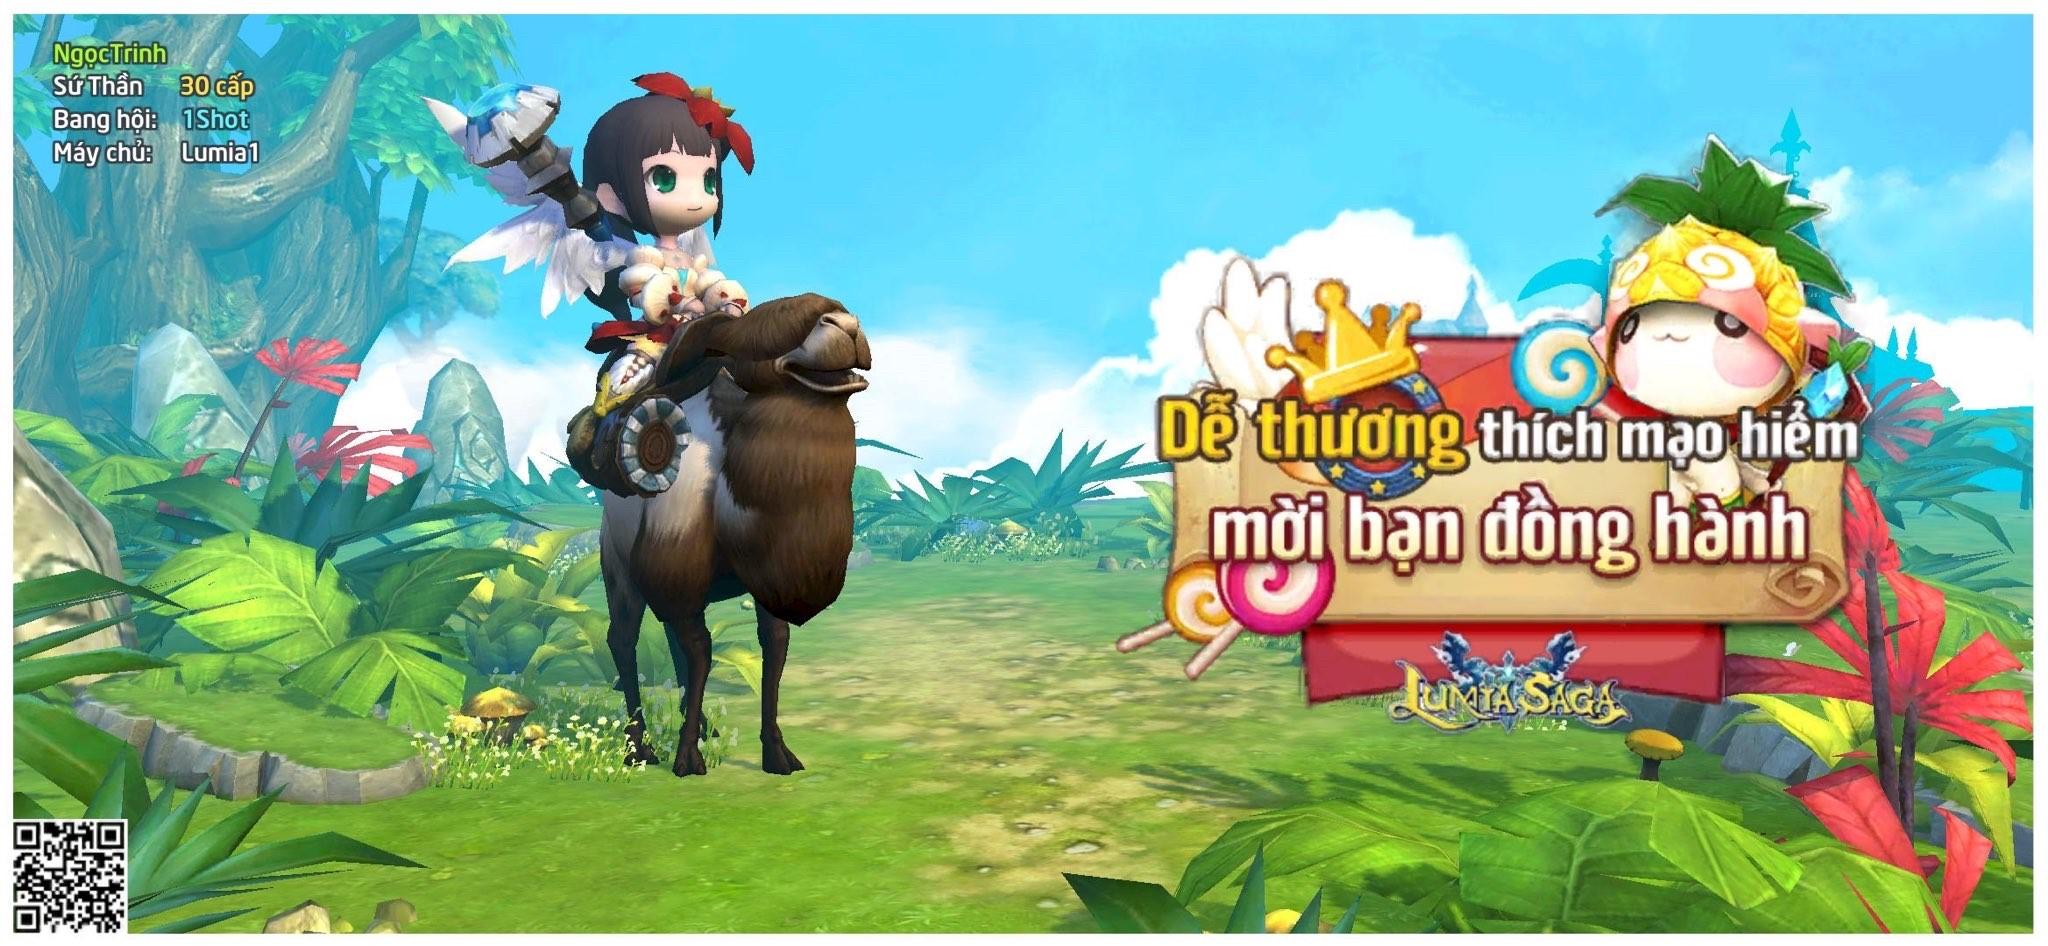 Game mobile Lumia Saga Chiến Binh Ánh Sáng - MMORPG 3D hay nhất 2021 Anh%205